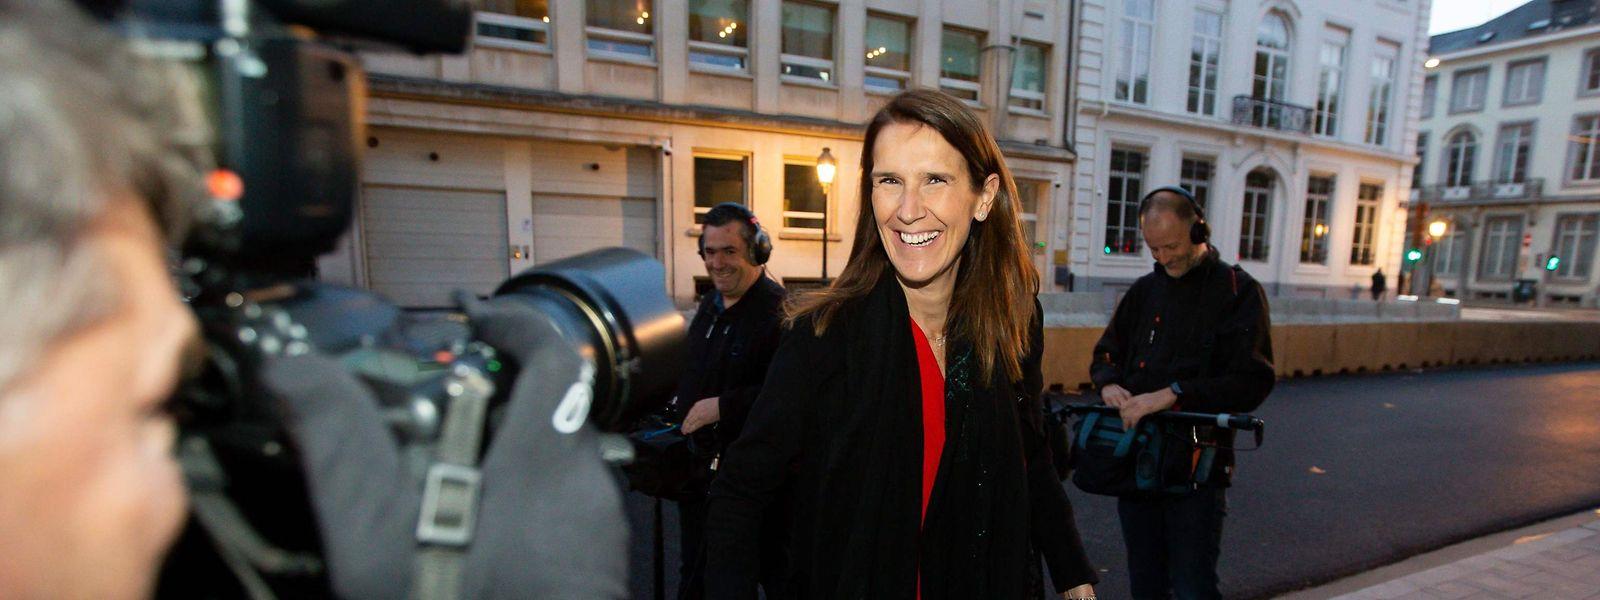 A 44 ans, Sophie Wilmès n'aura pas le travail facile à son nouveau poste. Elle ne dispose que d'une faible minorité.